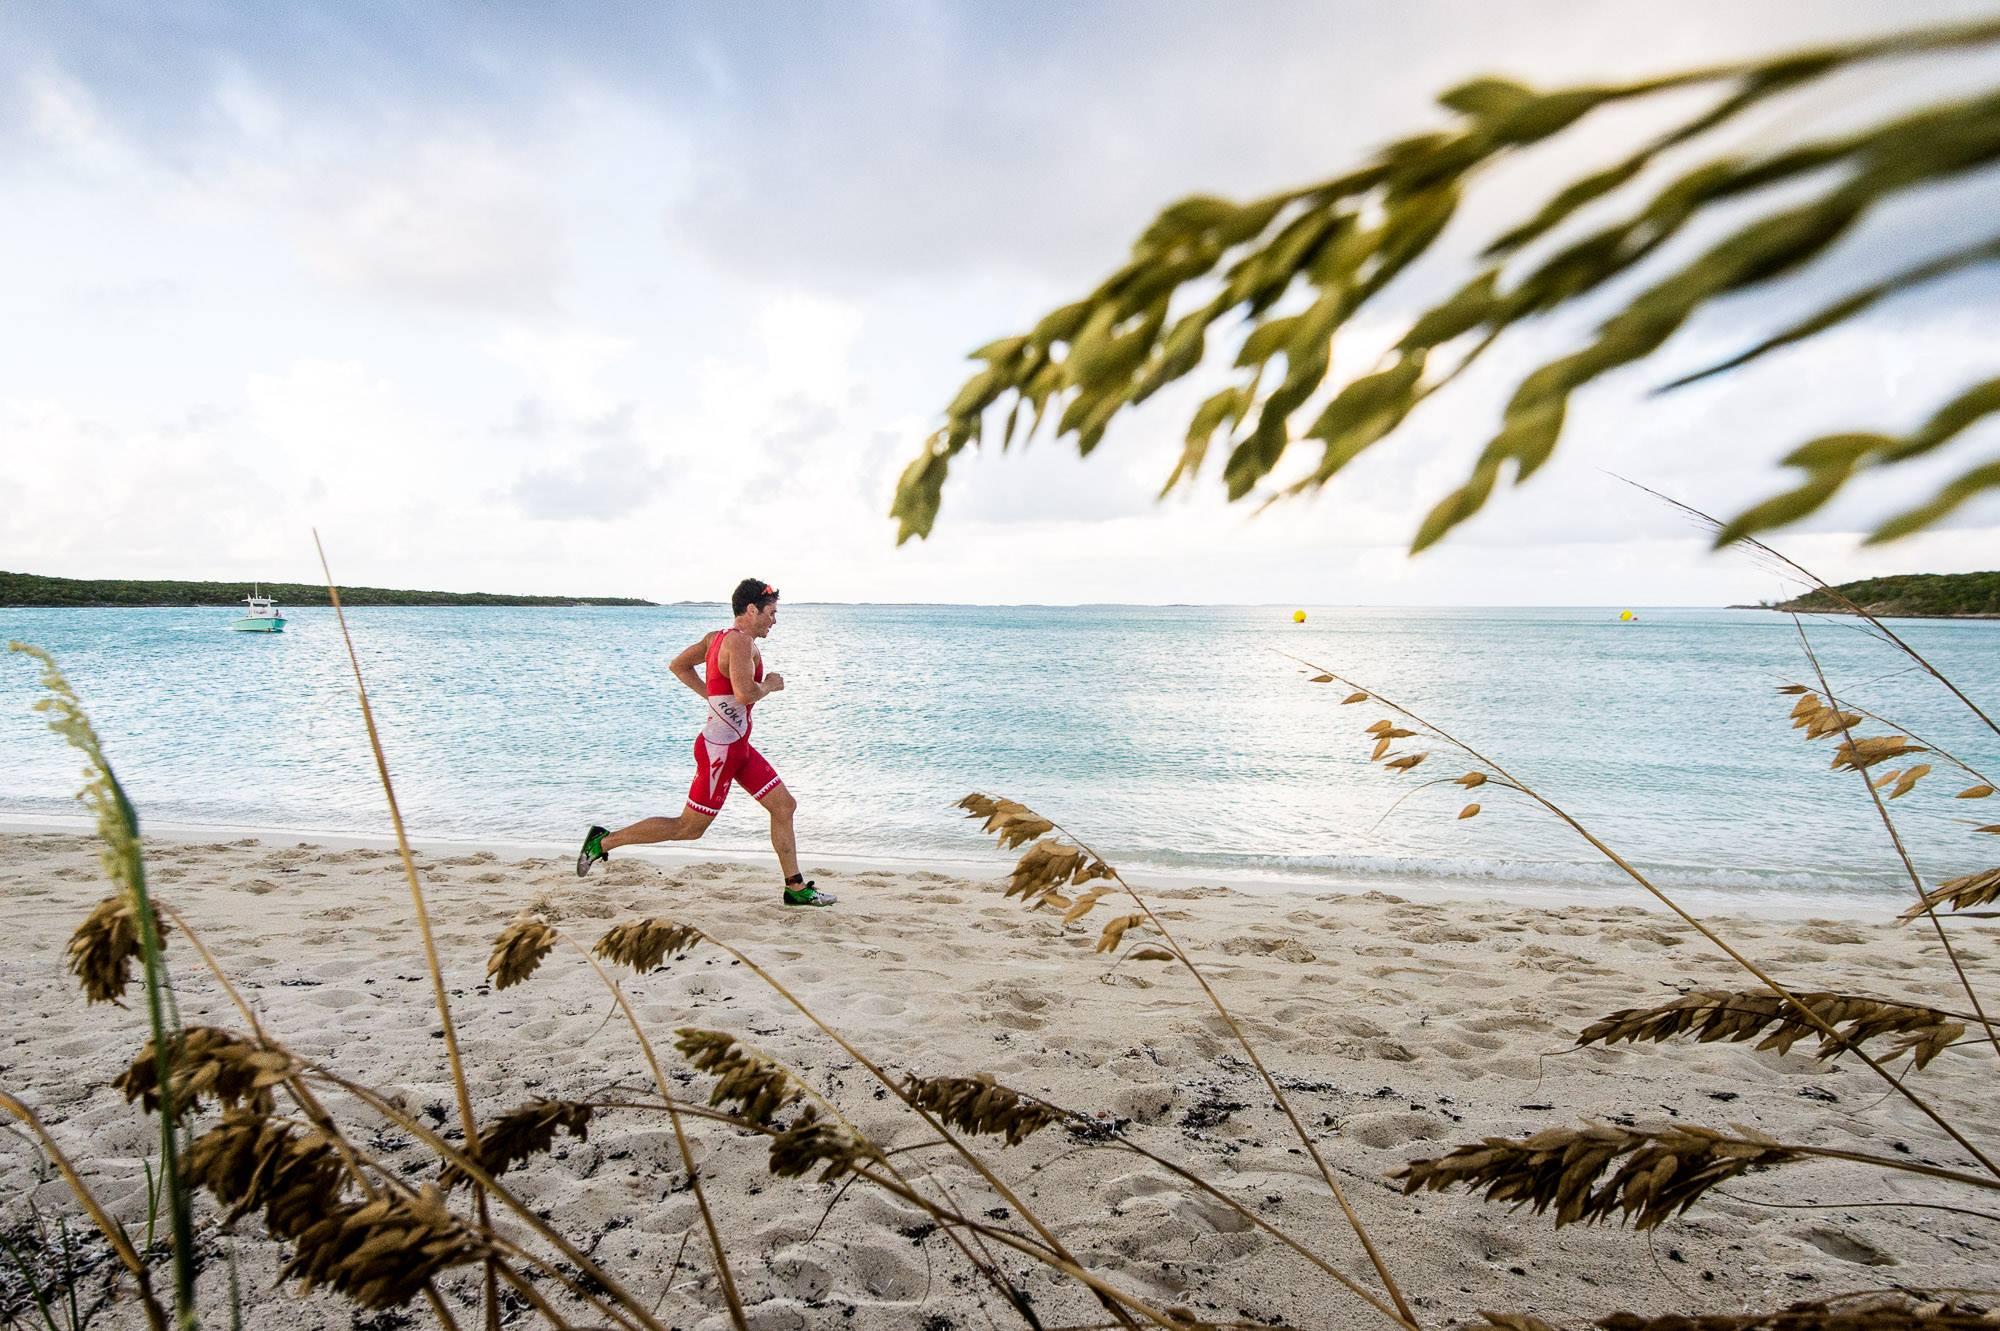 Island House Triathlon : la dernière étape pour Dye et Norden, la victoire finale pour Gomez et Jorgensen